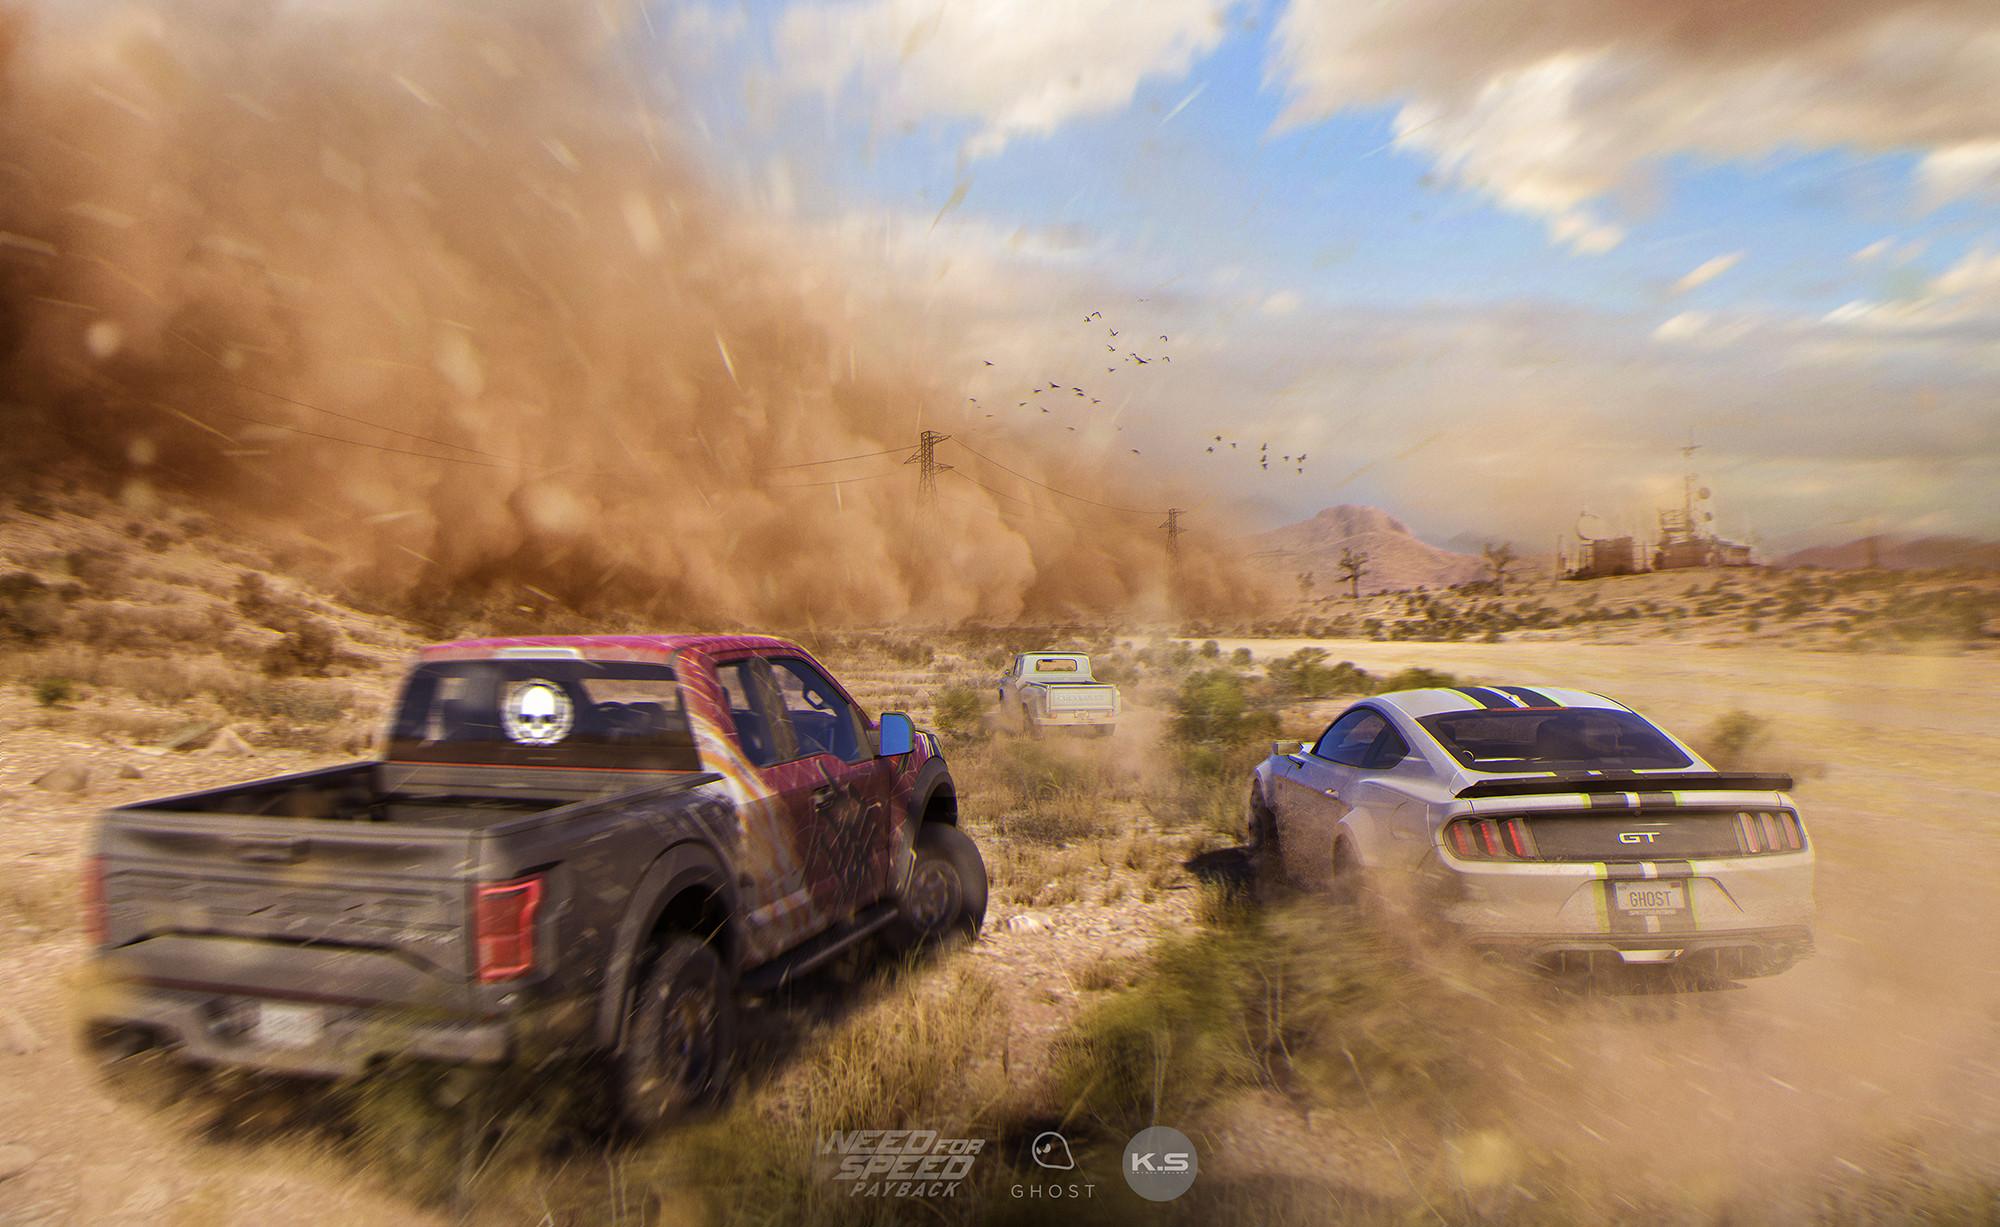 Dust Storm Concept